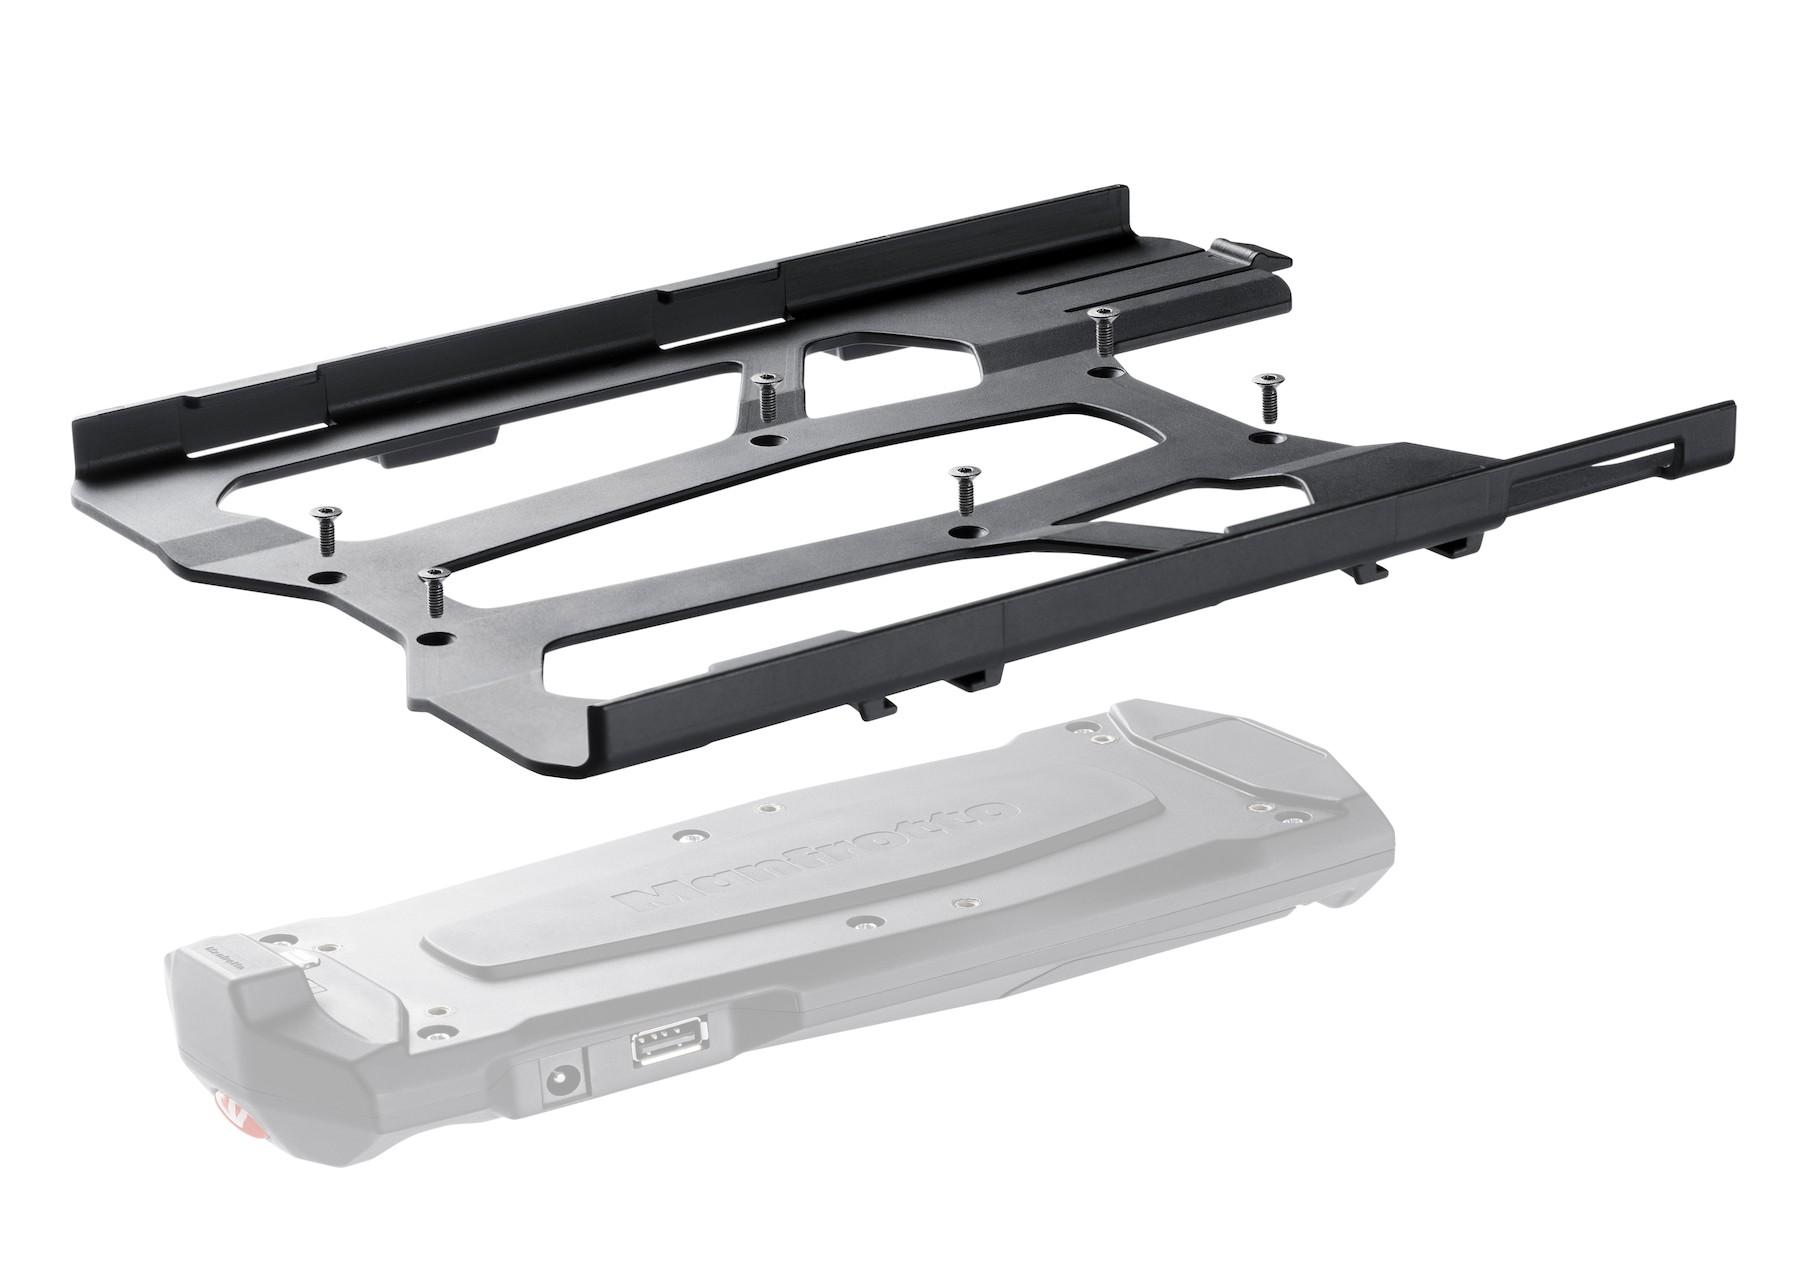 Converter Frame For iPad Air - MVDDFA